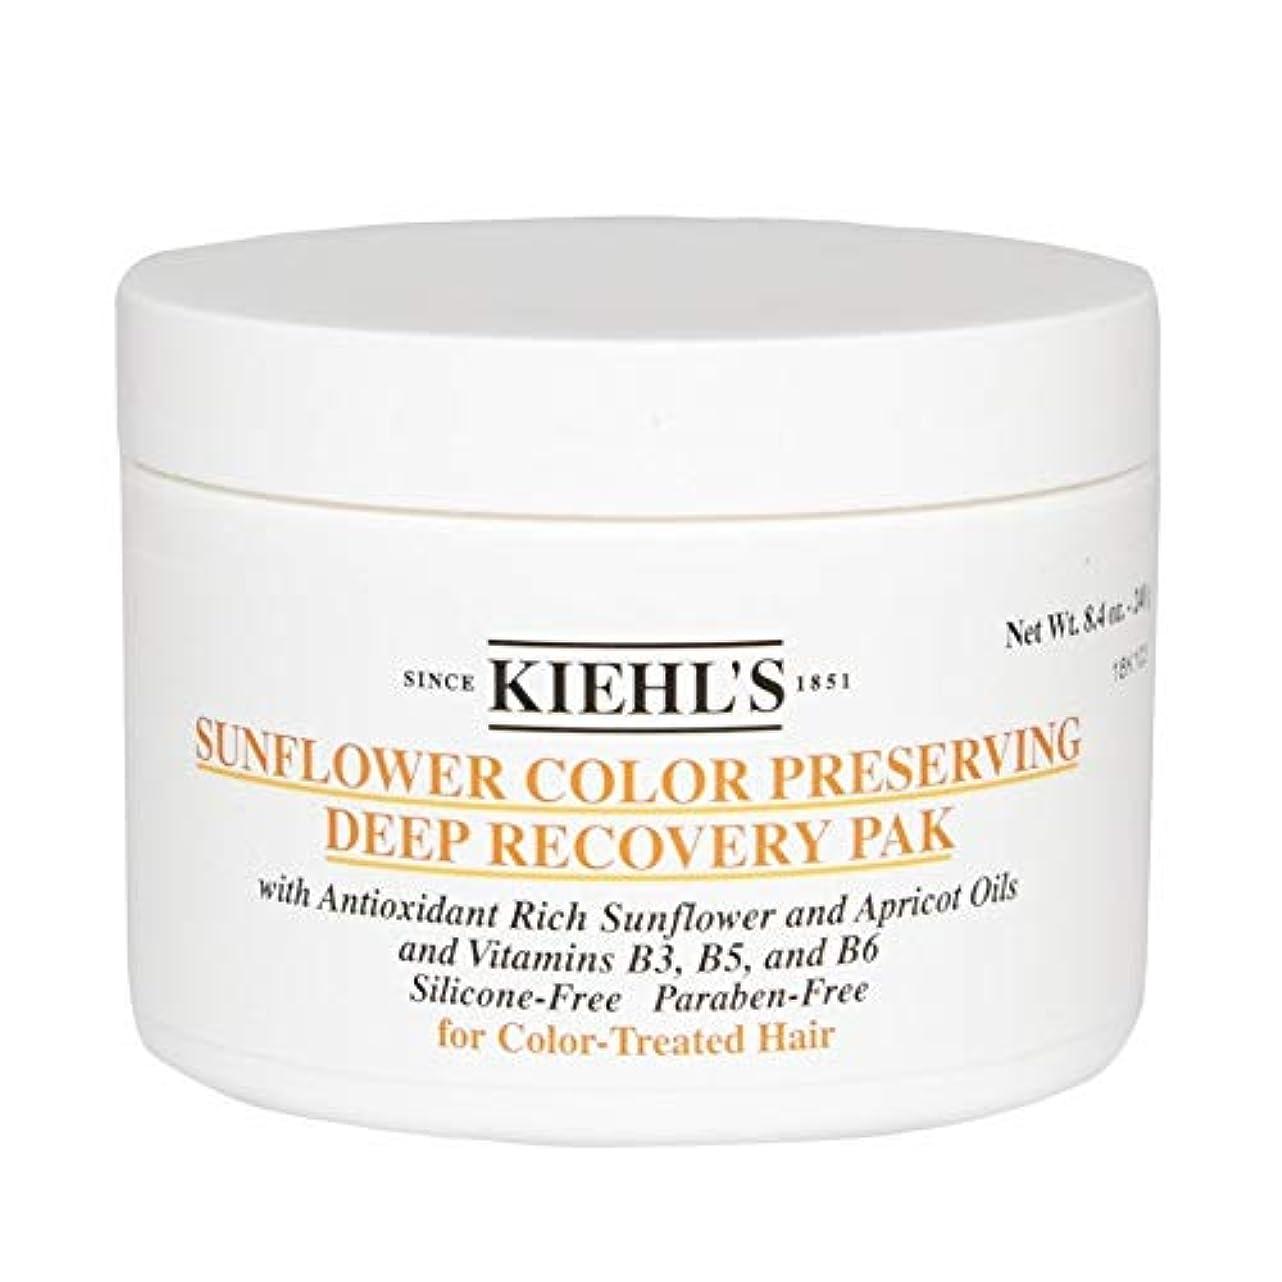 地上で抵抗シリング[Kiehl's ] キールズひまわり色保存深い回復Pak 250グラム - Kiehl's Sunflower Colour Preserving Deep Recovery Pak 250g [並行輸入品]